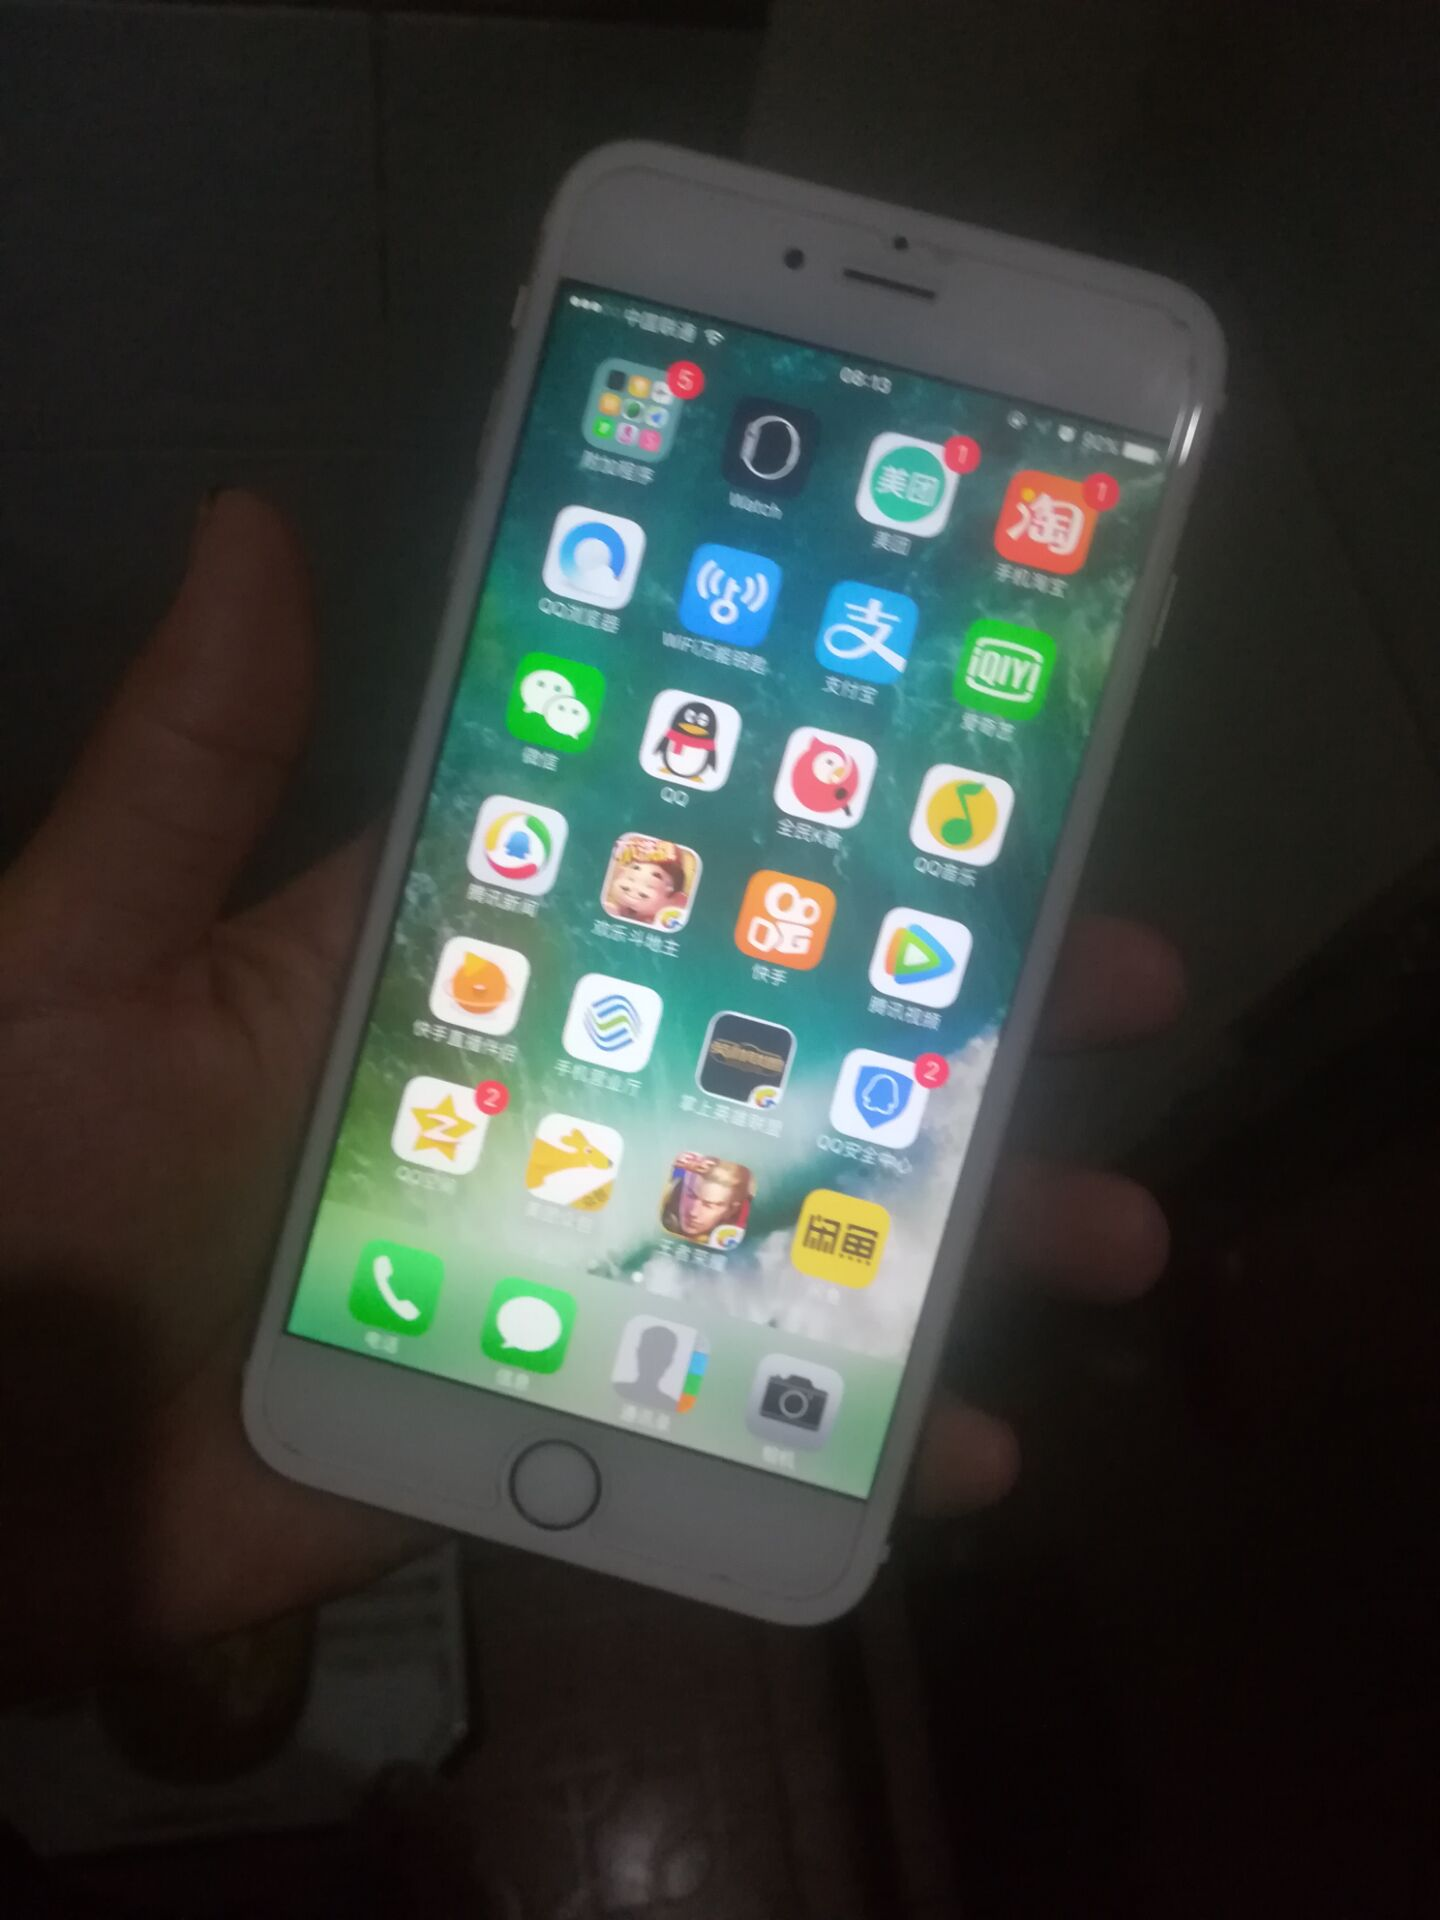 二手苹果6p出售转让_深圳二手手机-苏宁易购二手优品